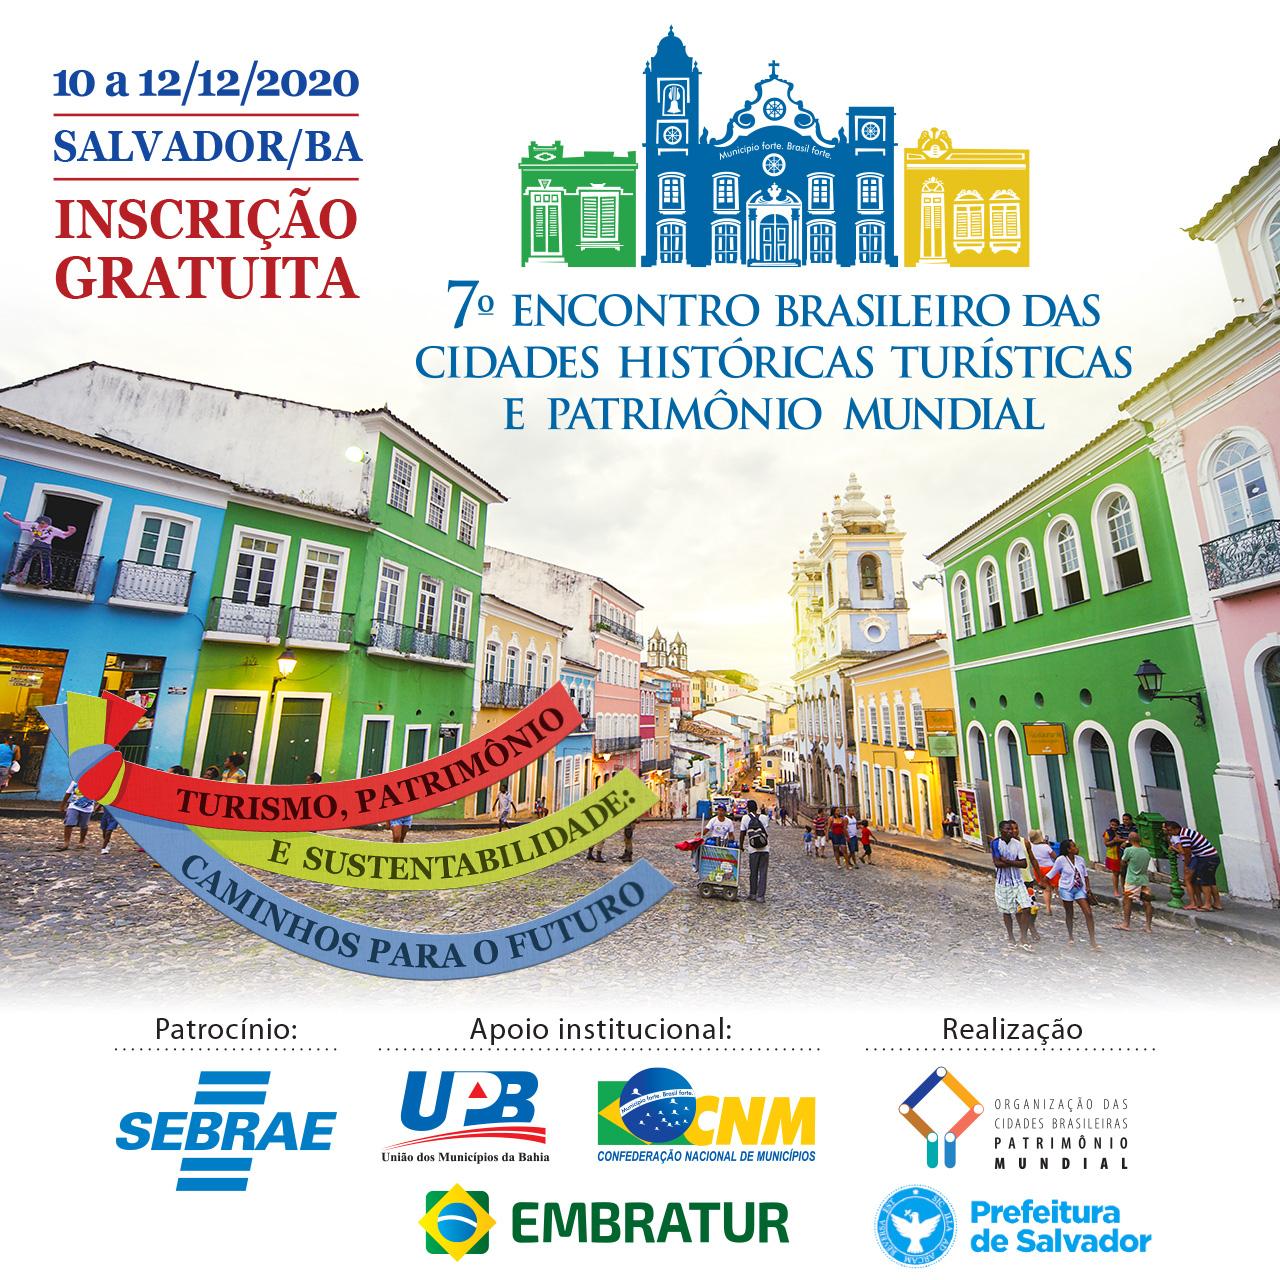 24112020 Cidadeshistoricas redes